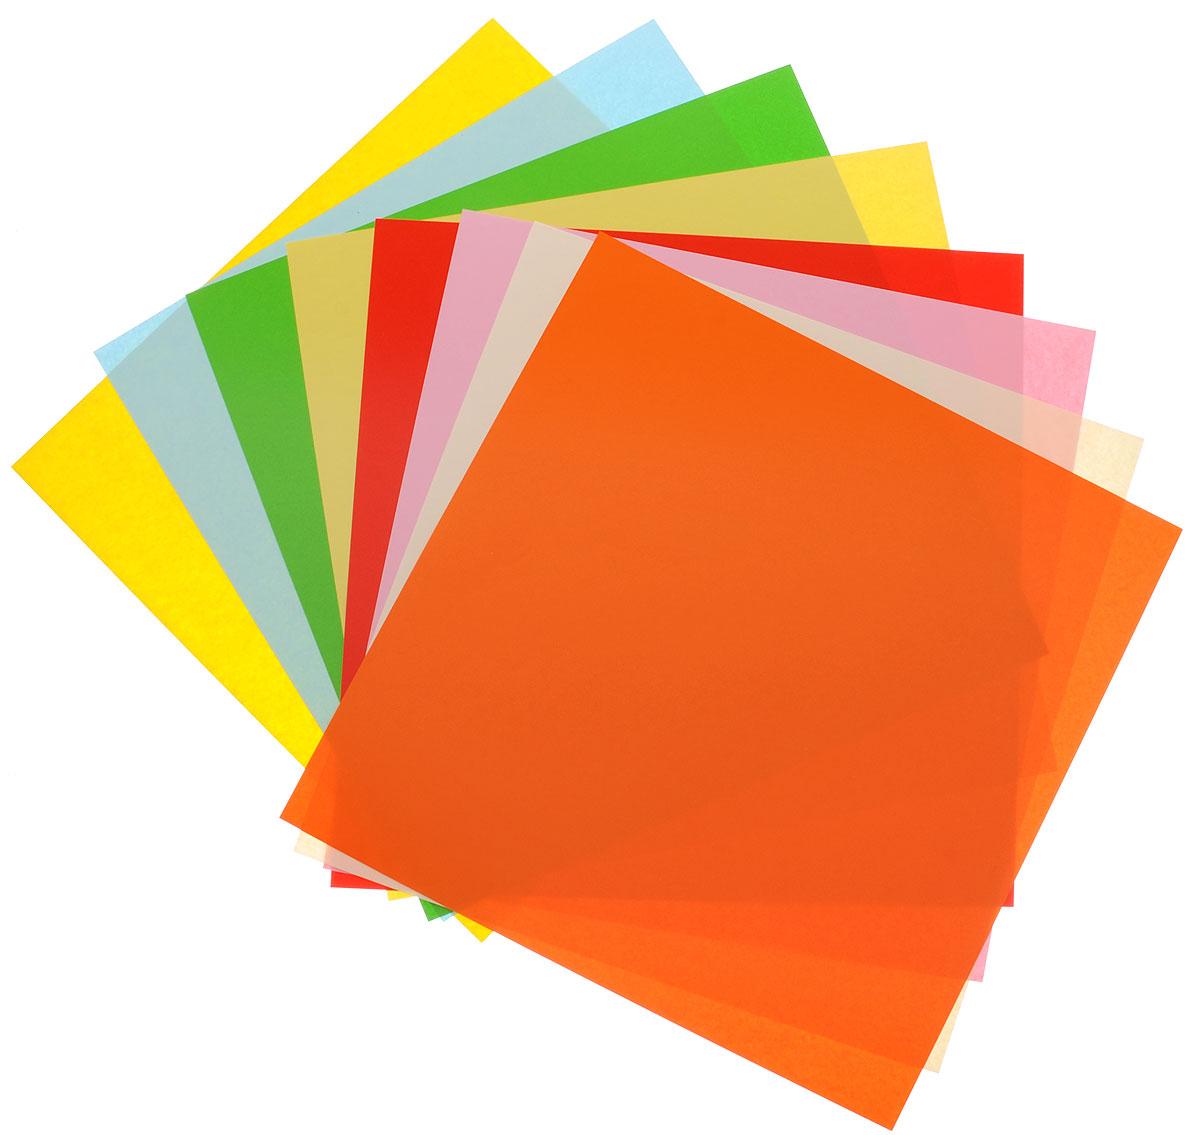 Набор цветной бумаги Апплика Павлин позволит создавать вашему ребенку своими руками оригинальное оригами. Набор состоит из 8 листов двусторонней бумаги разных цветов. Внутри папки приводятся схематичные инструкции по изготовлению оригами, сзади дана расшифровка условных обозначений. Создание поделок из цветной бумаги позволяет ребенку развивать творческие способности, кроме того, это увлекательный досуг.Рекомендуемый возраст: 5+